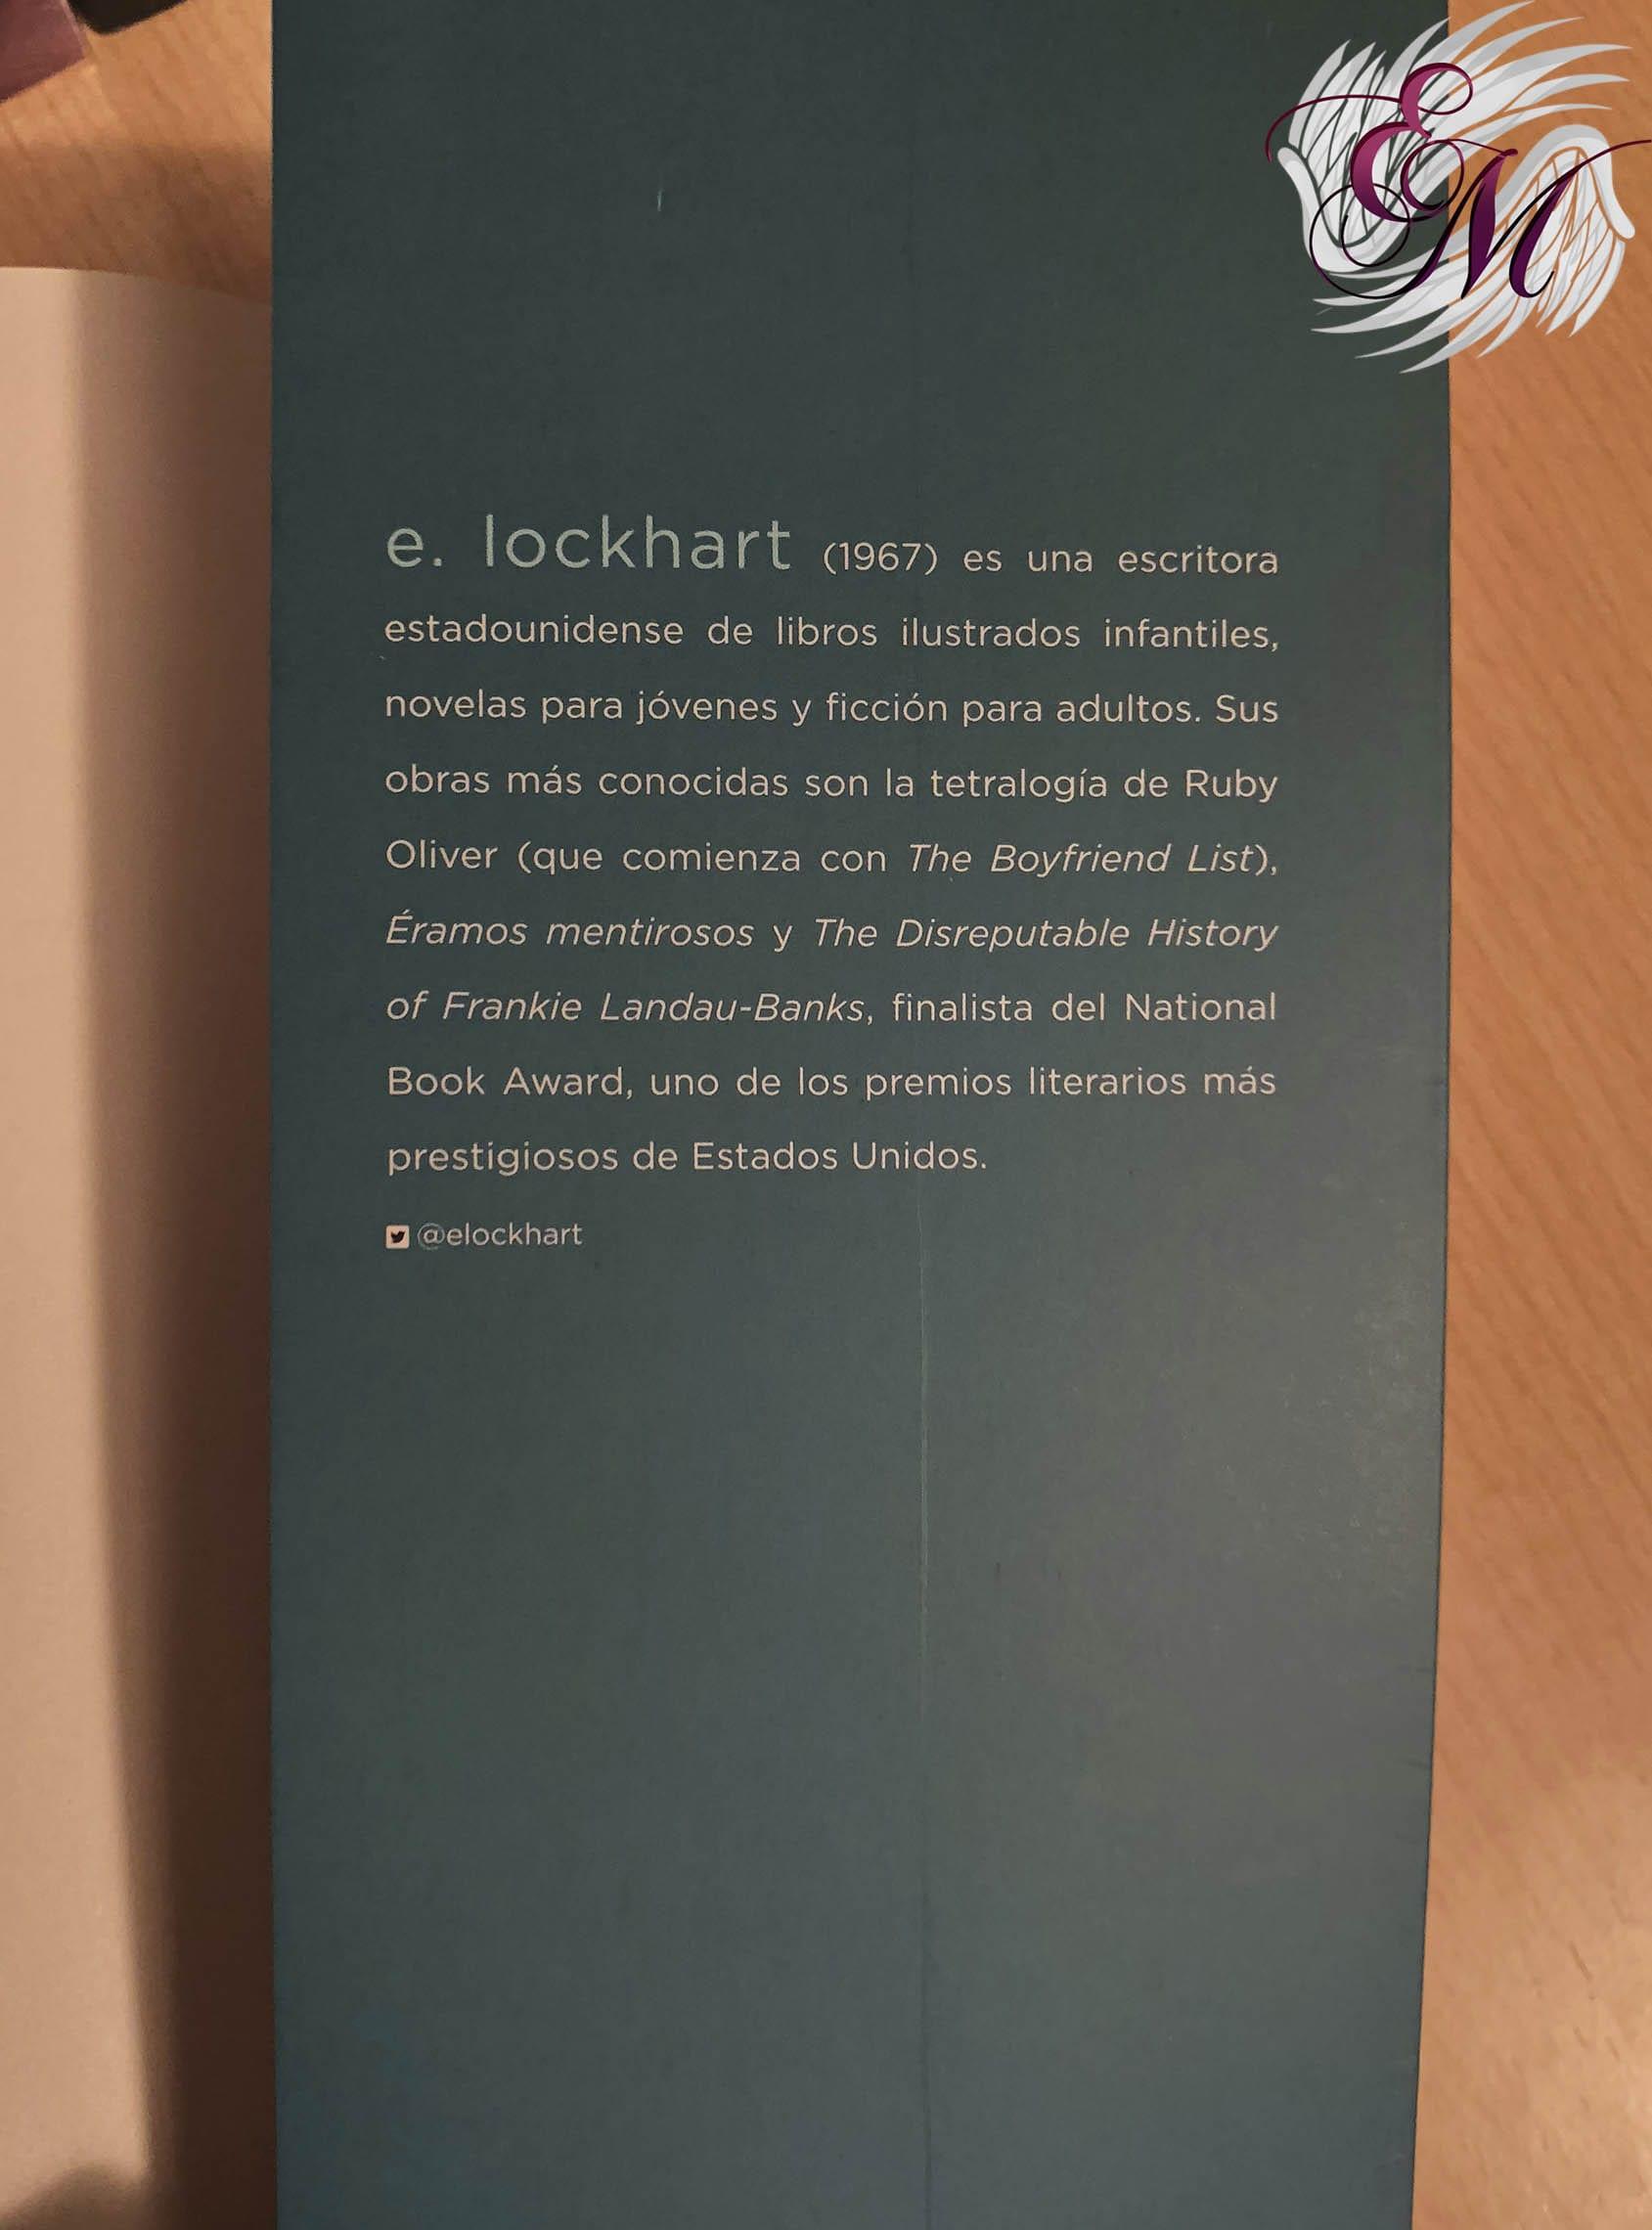 Todo es mentira, de E. Lockhart - Reseña